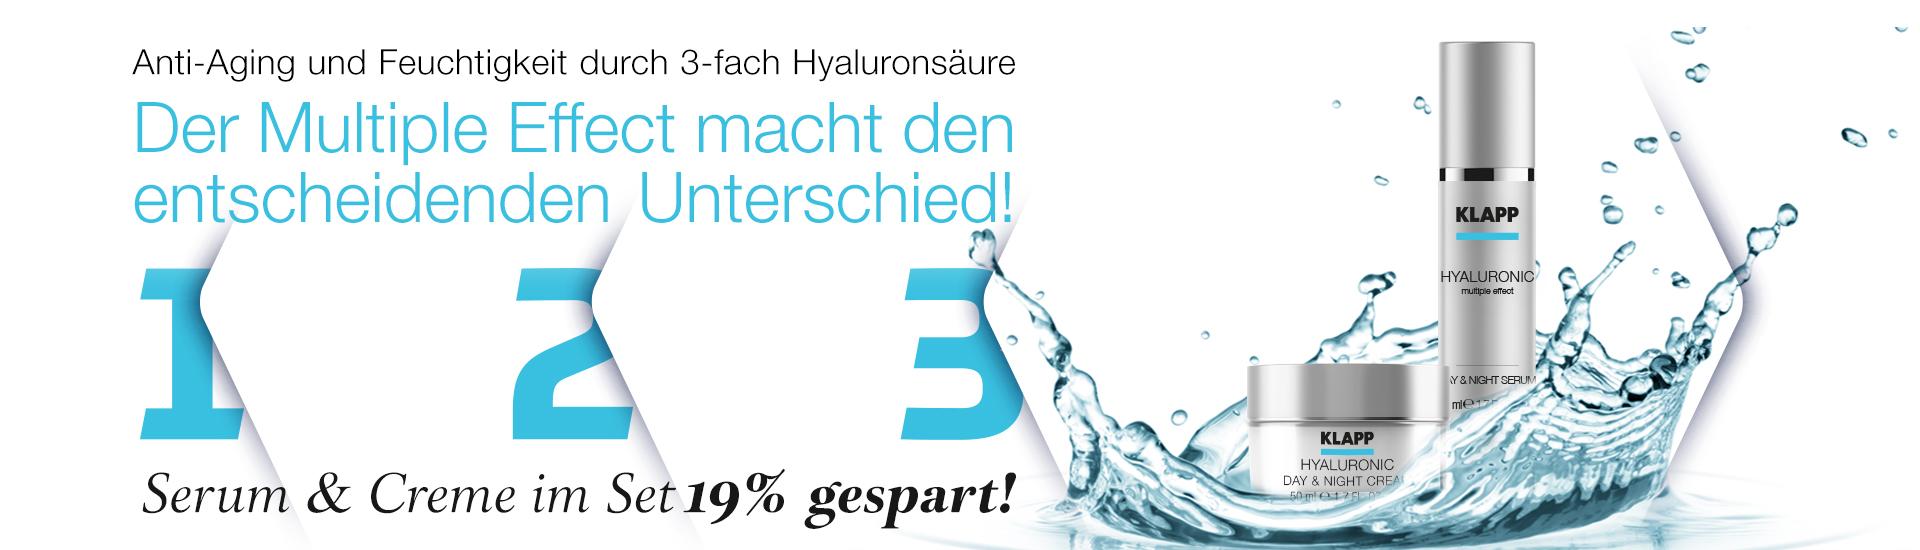 hyaluron-serum-hyaluron-creme-im-set-hyaluronic-klapp-cosmetics-1